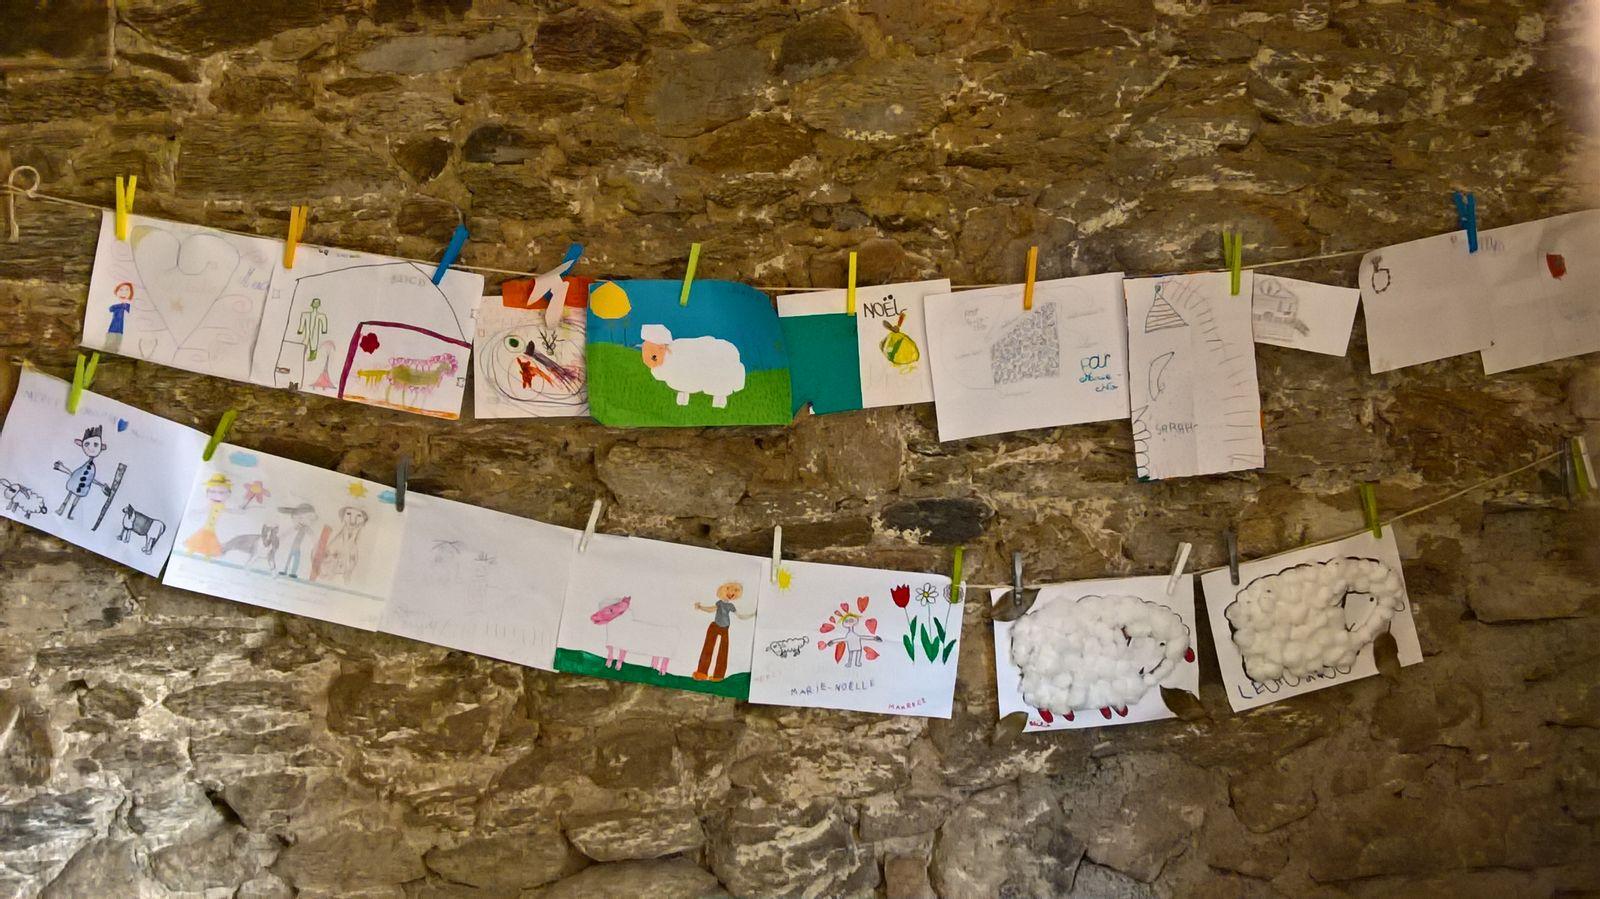 Les enfants affichent leurs dessins dans la salle de jeux